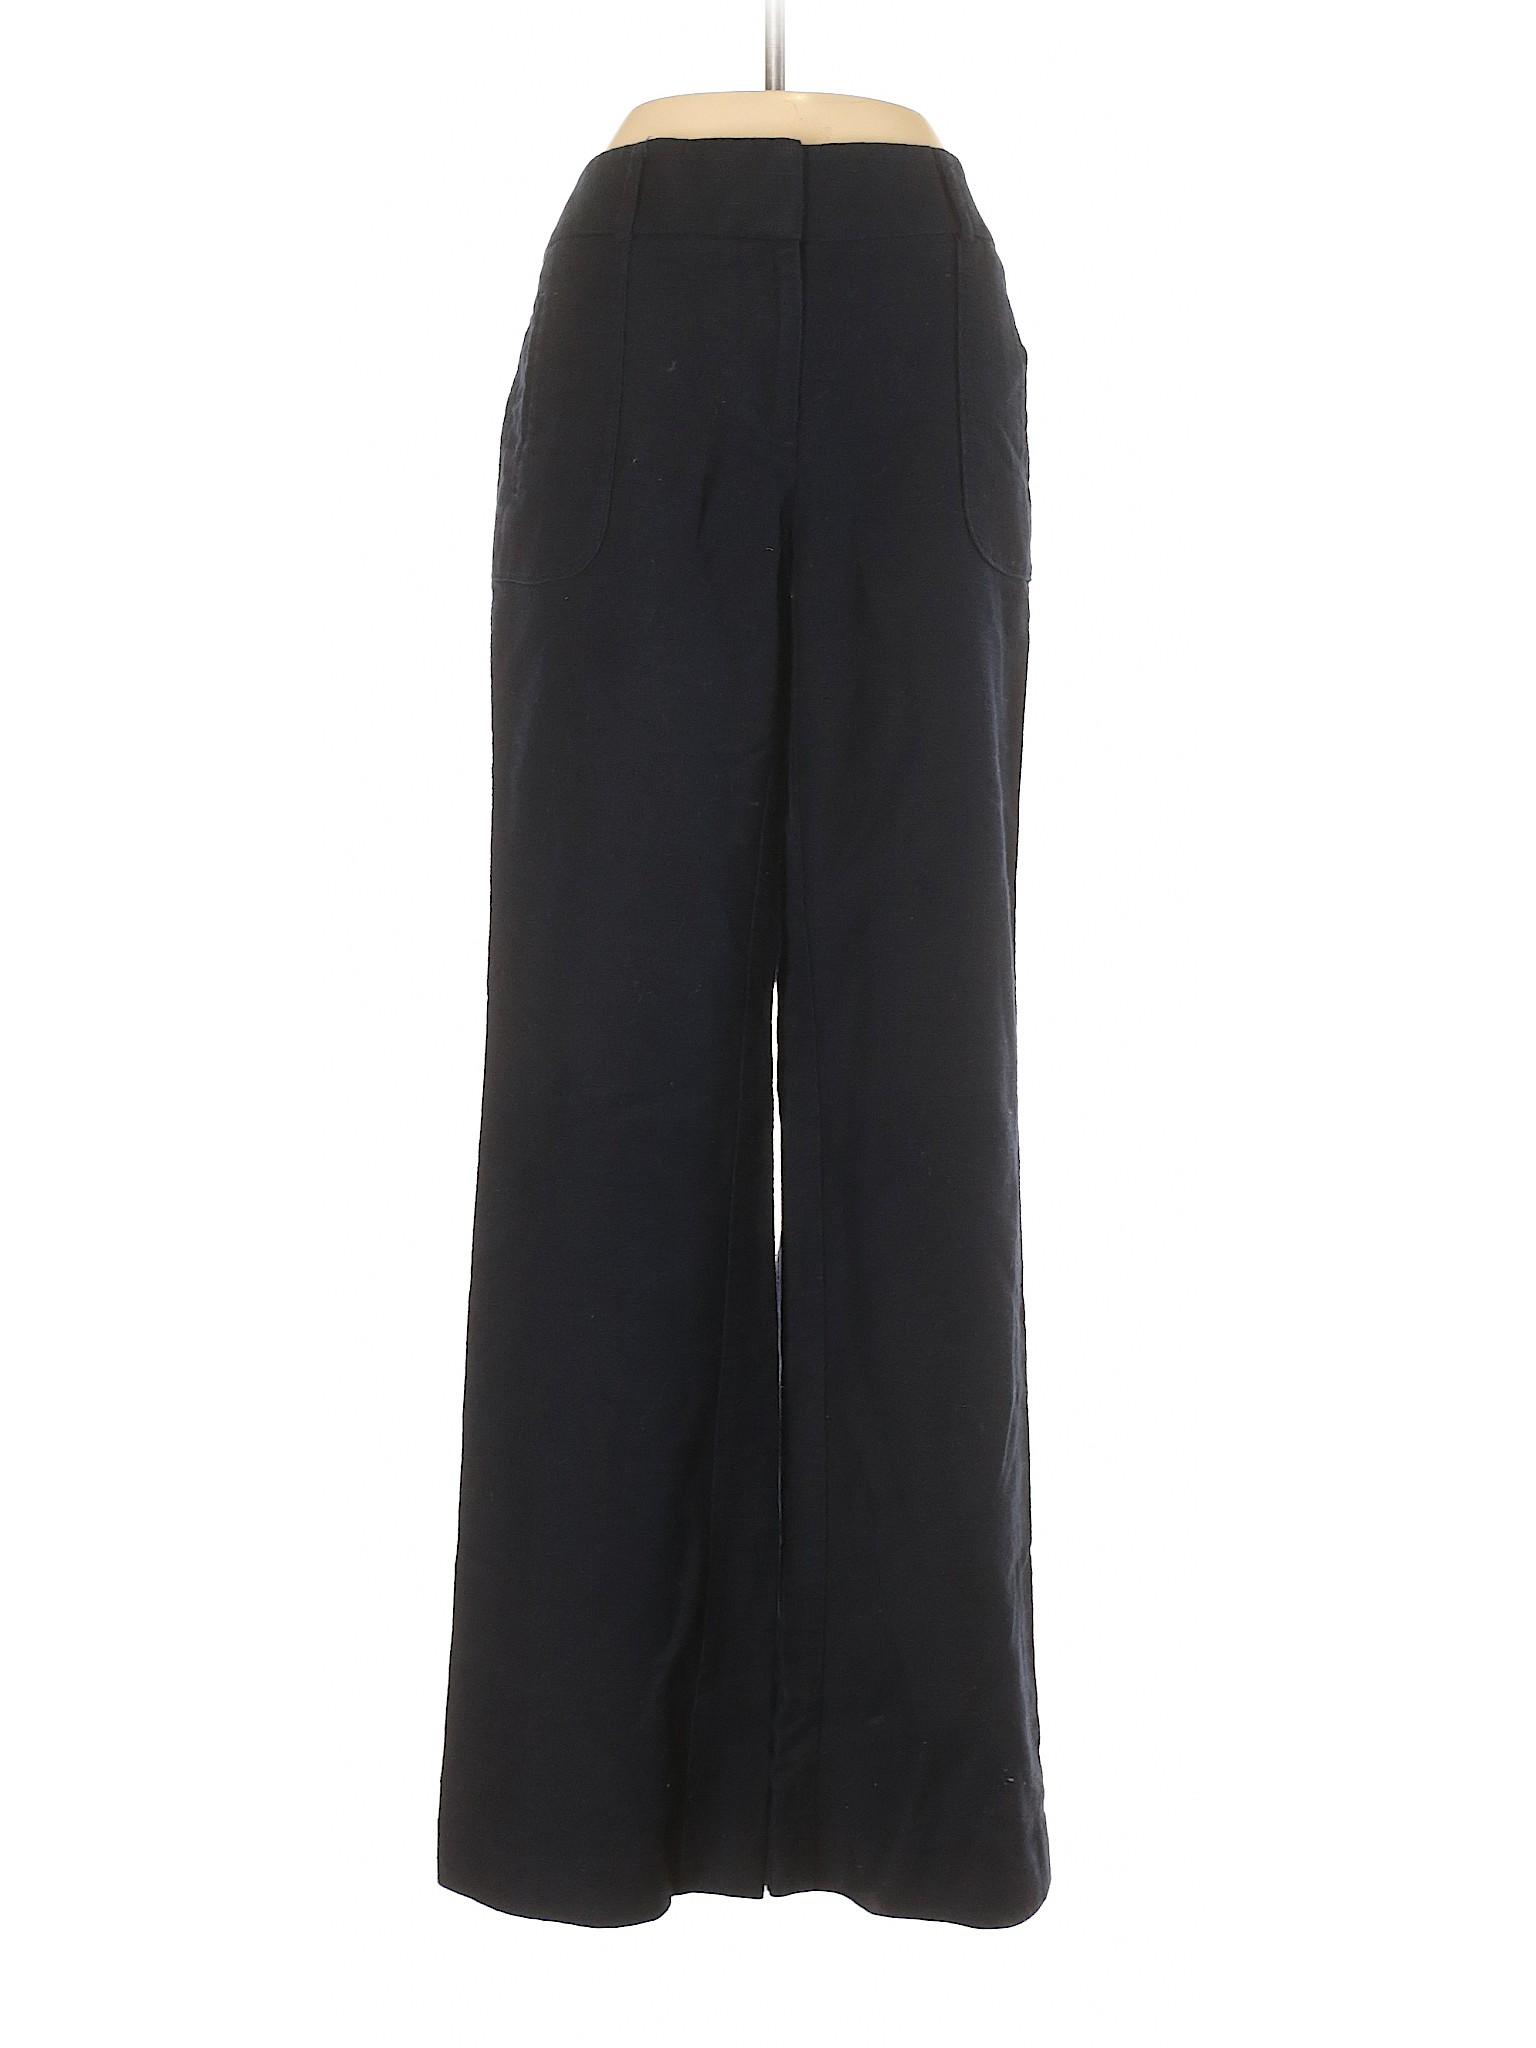 Ann Pants Dress Taylor winter Boutique LOFT 8nO6fRxq